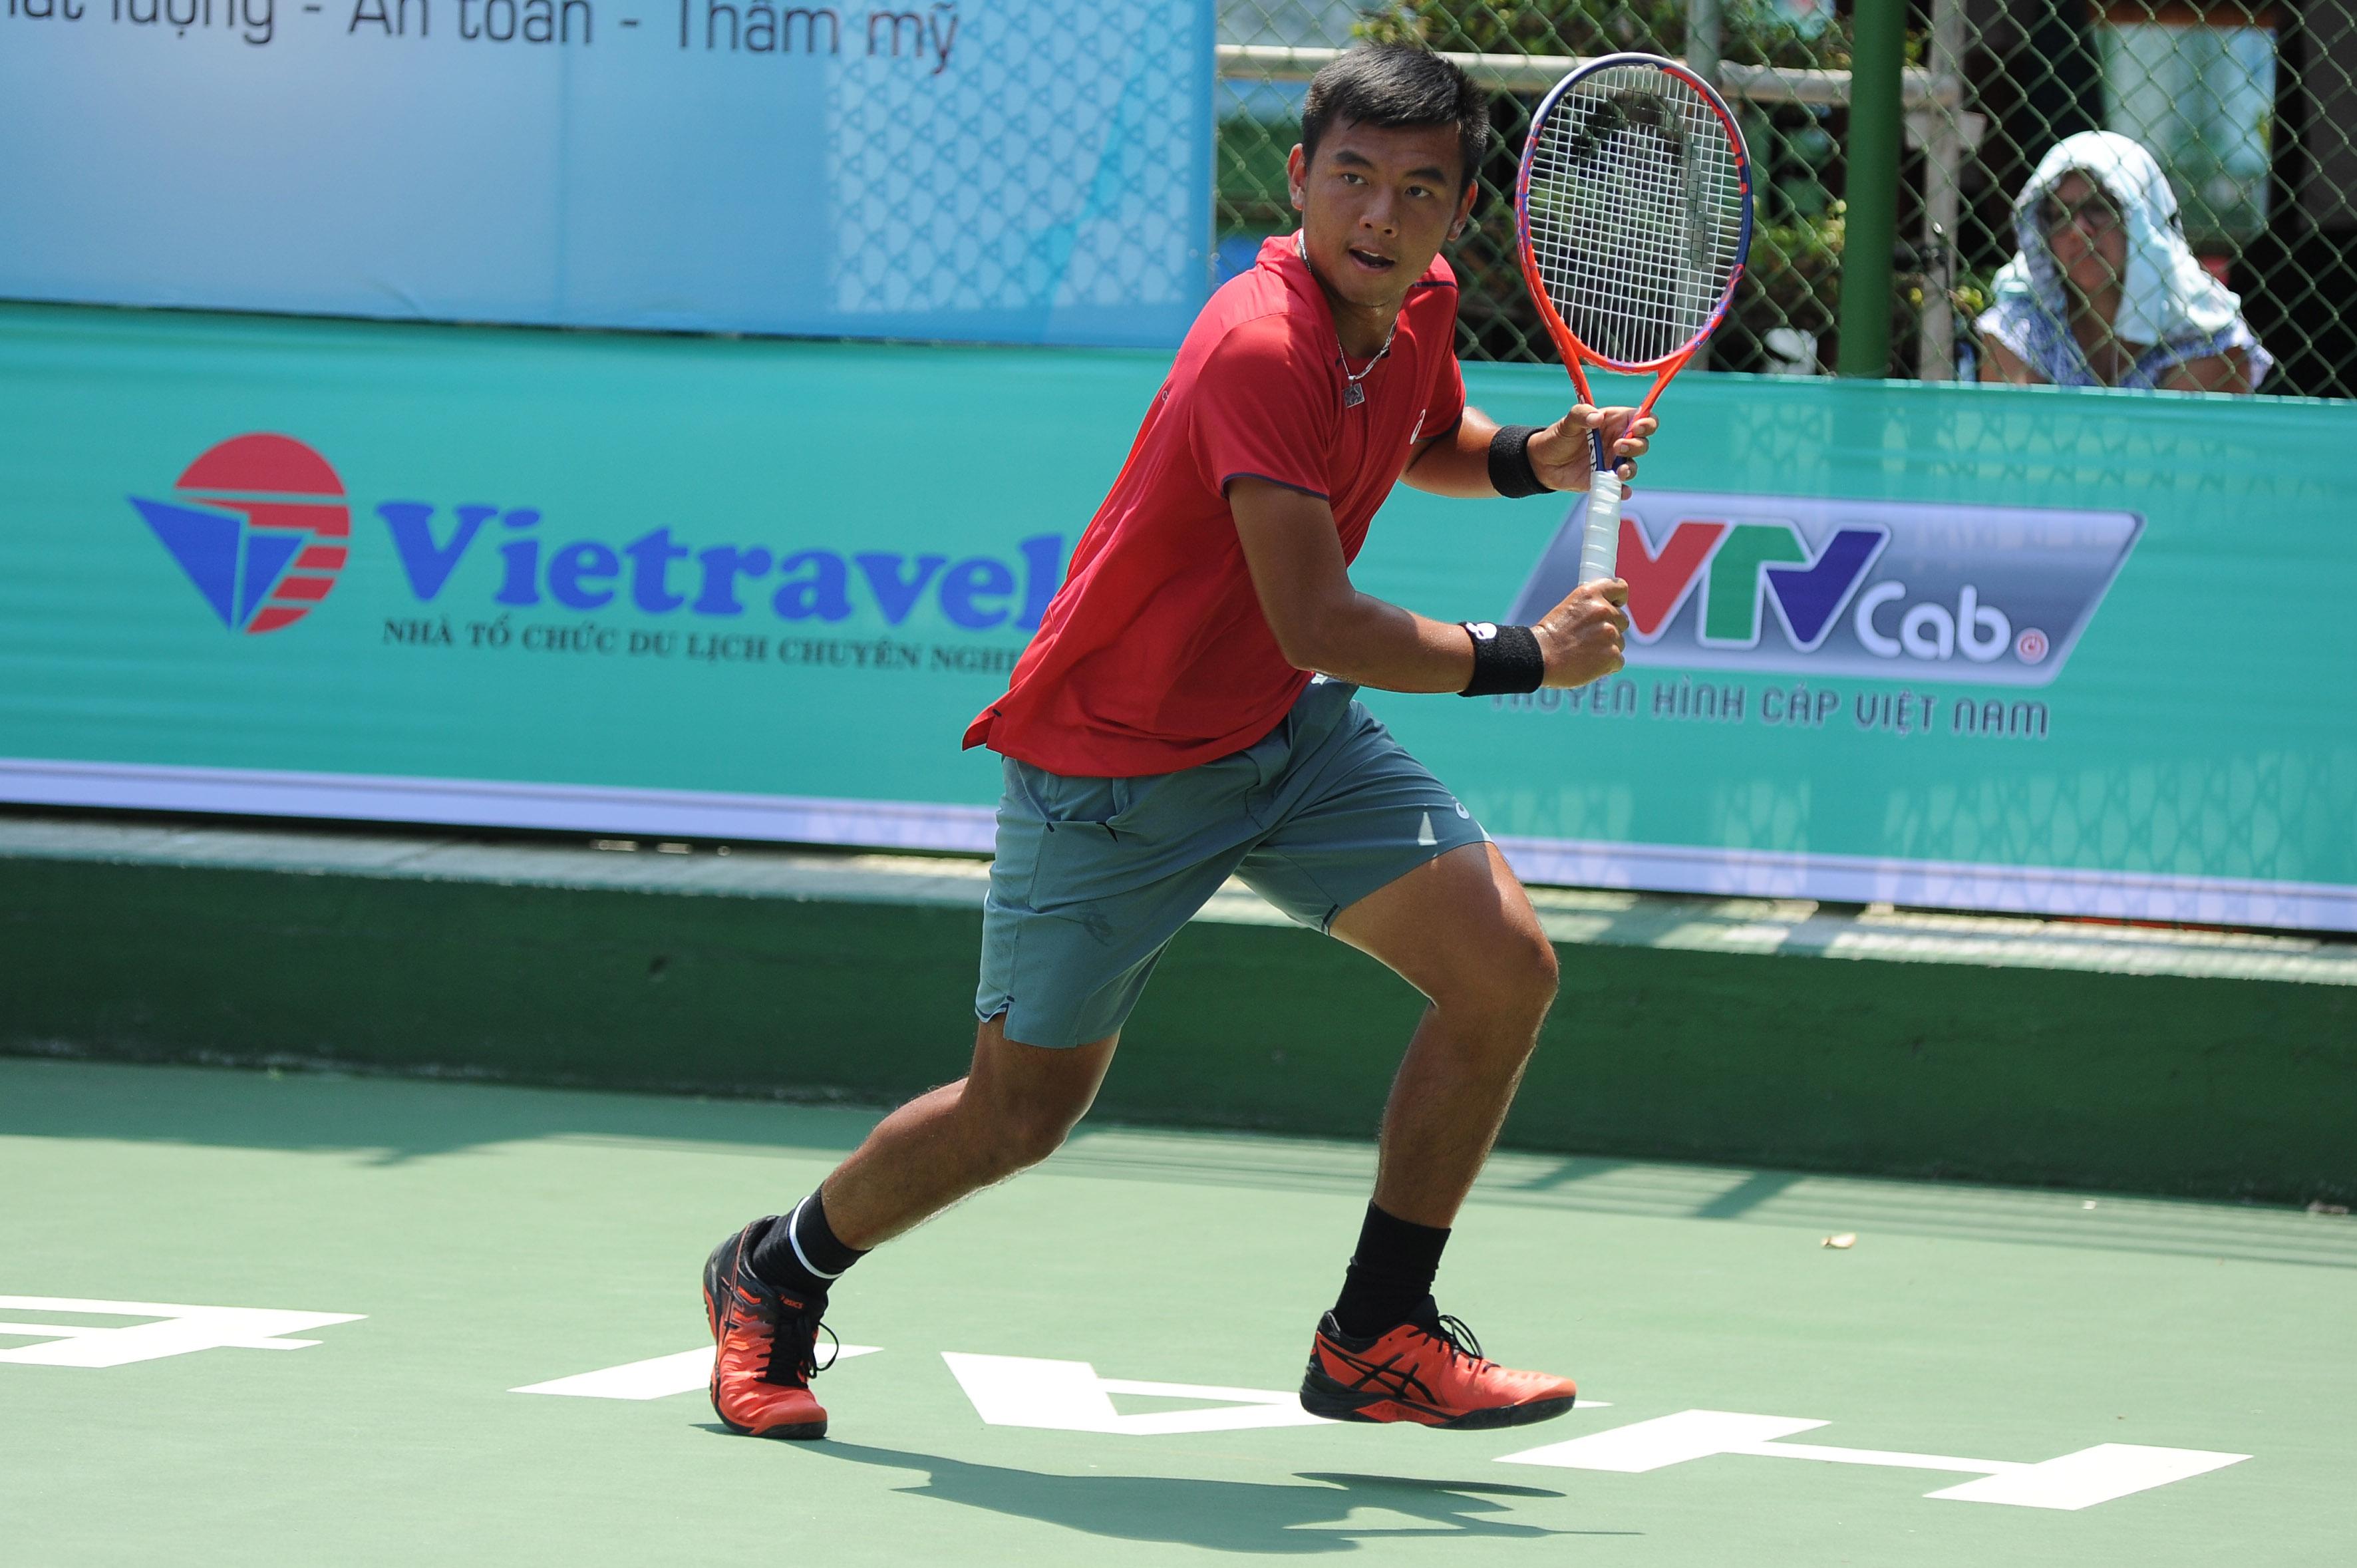 Chuẩn bị khởi tranh giải Quần vợt Chuyên nghiệp Việt Nam - cúp Lạch Tray 2019